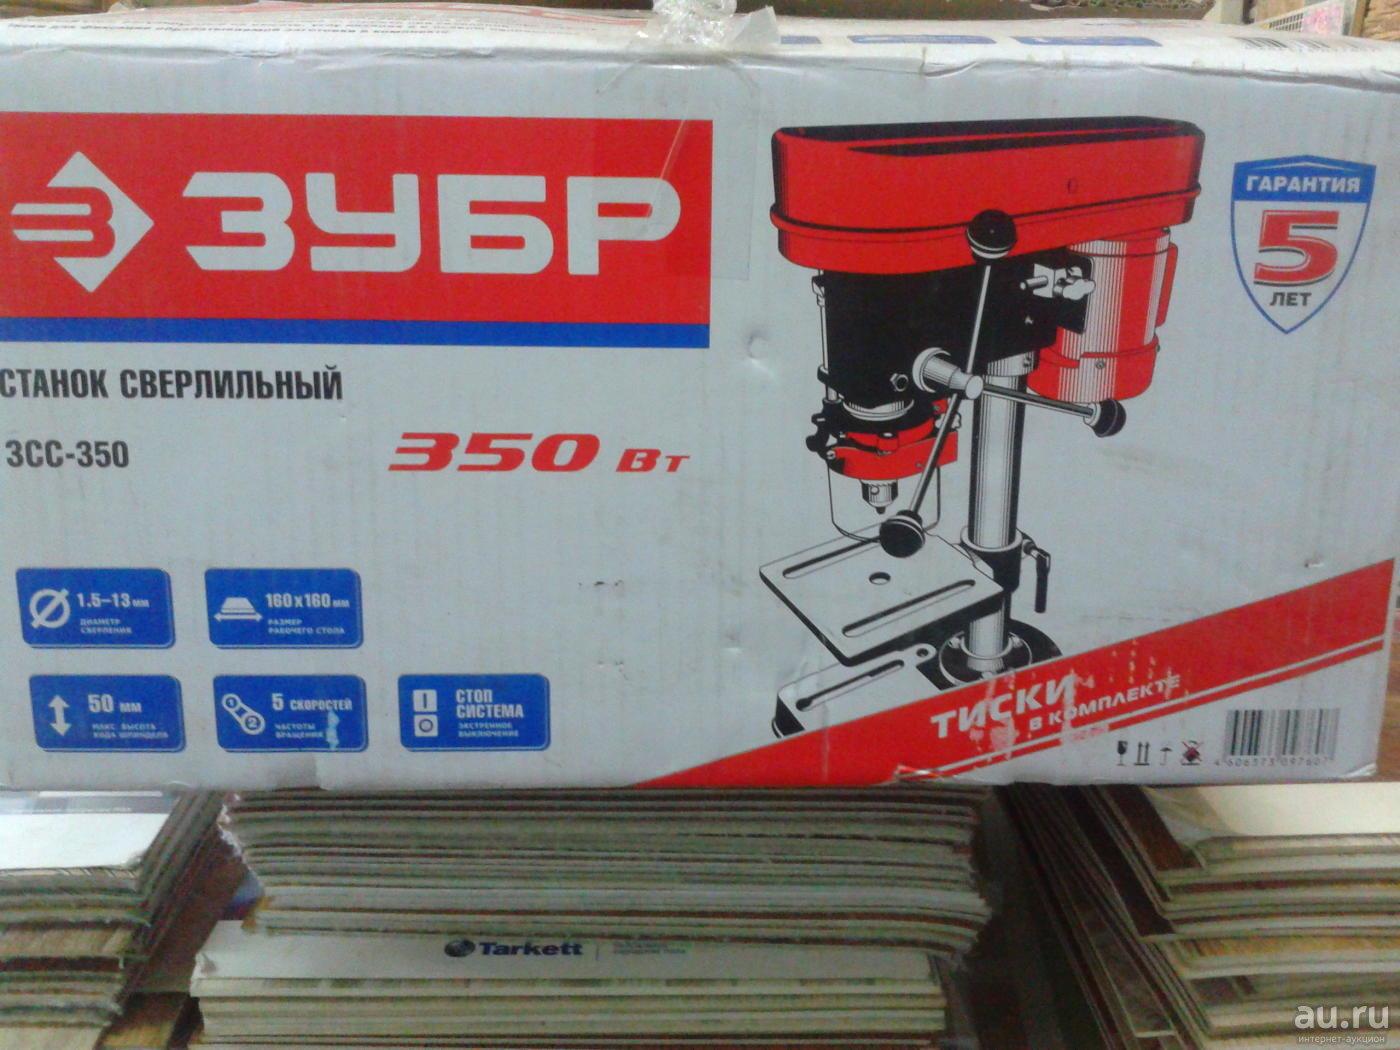 Вертикально-сверлильный станок Зубр ЗСС-350